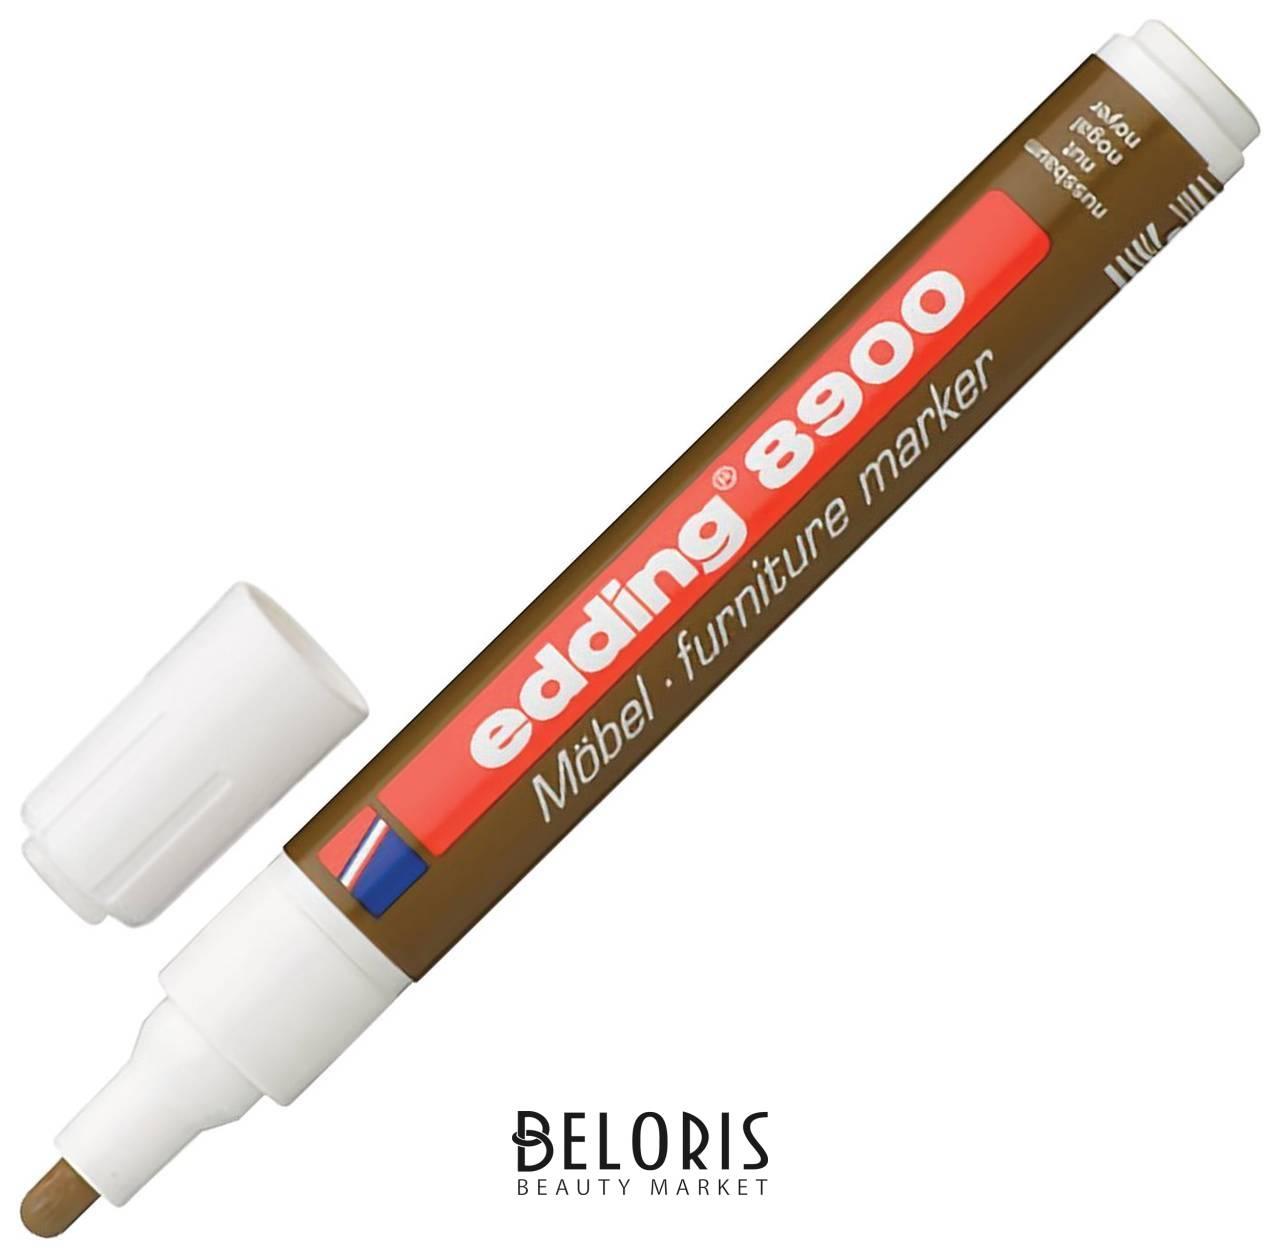 Маркер лаковый для мебели Edding 8900, 1,5-2 мм, грецкий орех светлый, нитро-основа  Edding